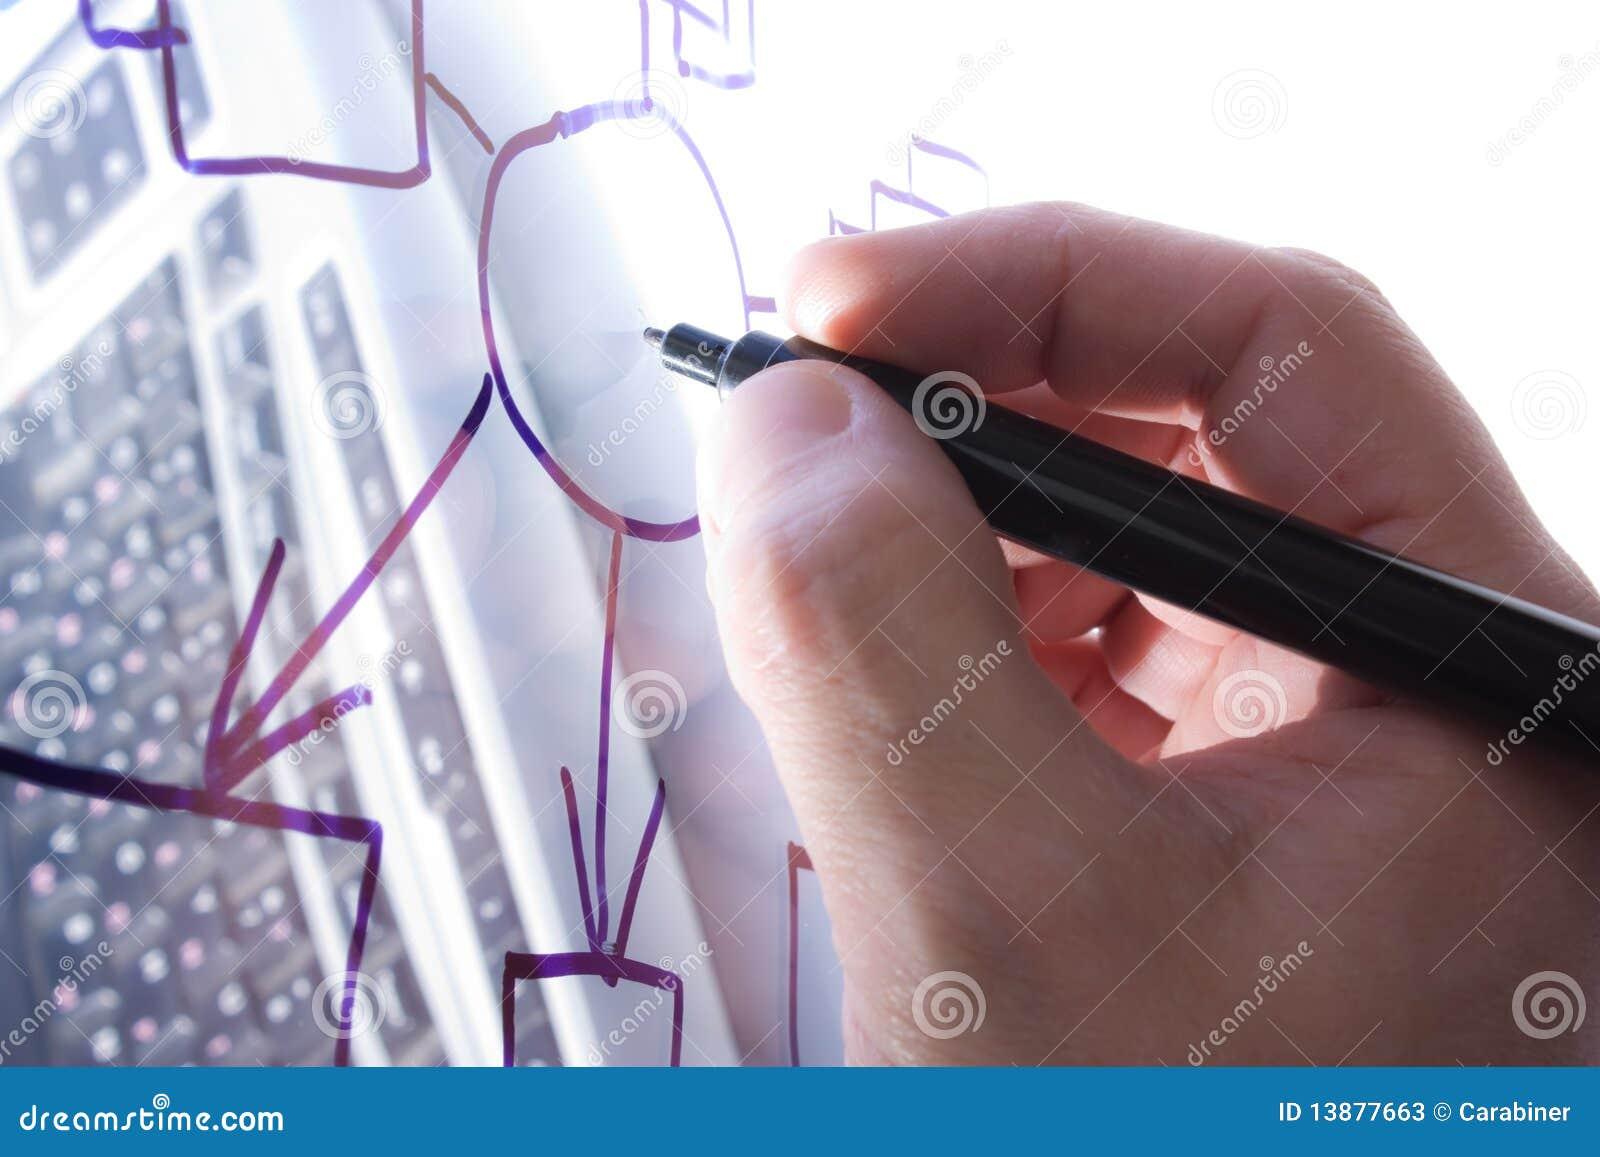 A mão desenha em um vidro transparente